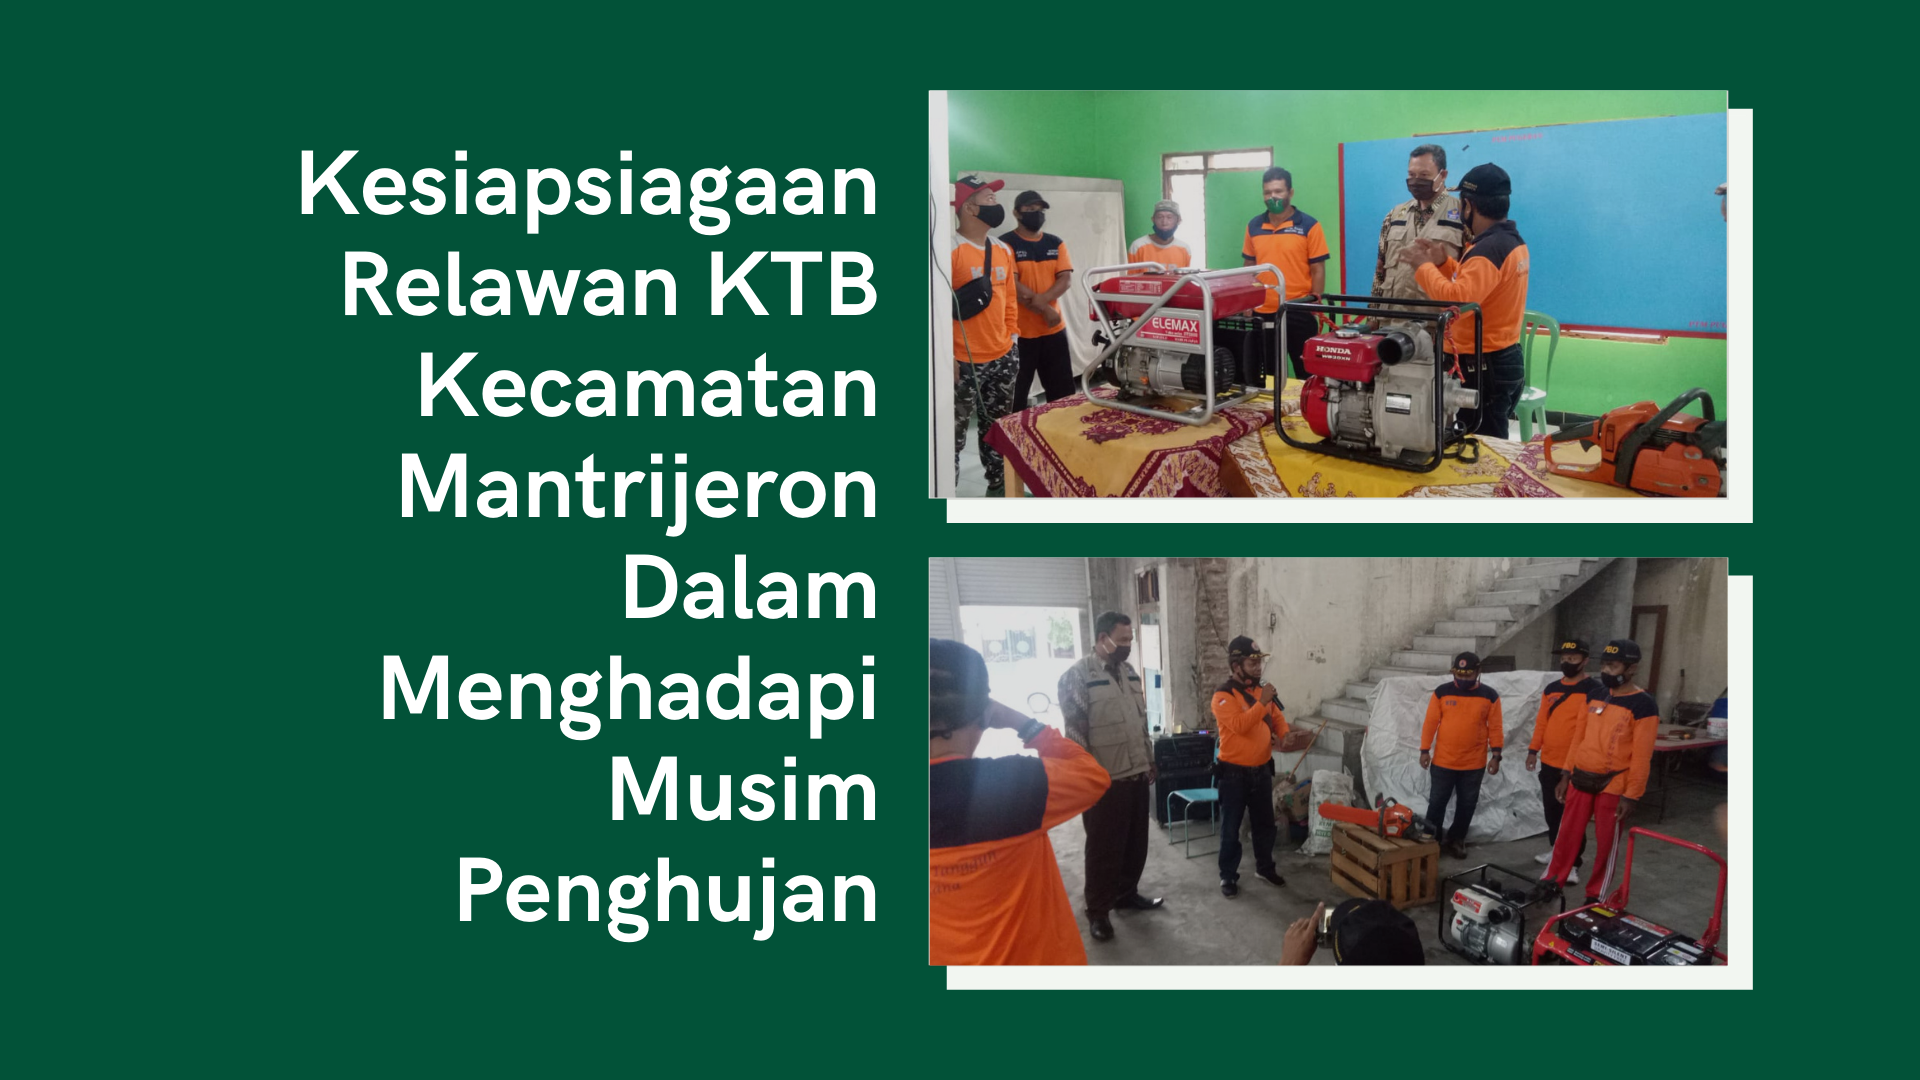 Kesiapsiagaan Relawan KTB Kecamatan Mantrijeron Dalam Menghadapi Musim Penghujan